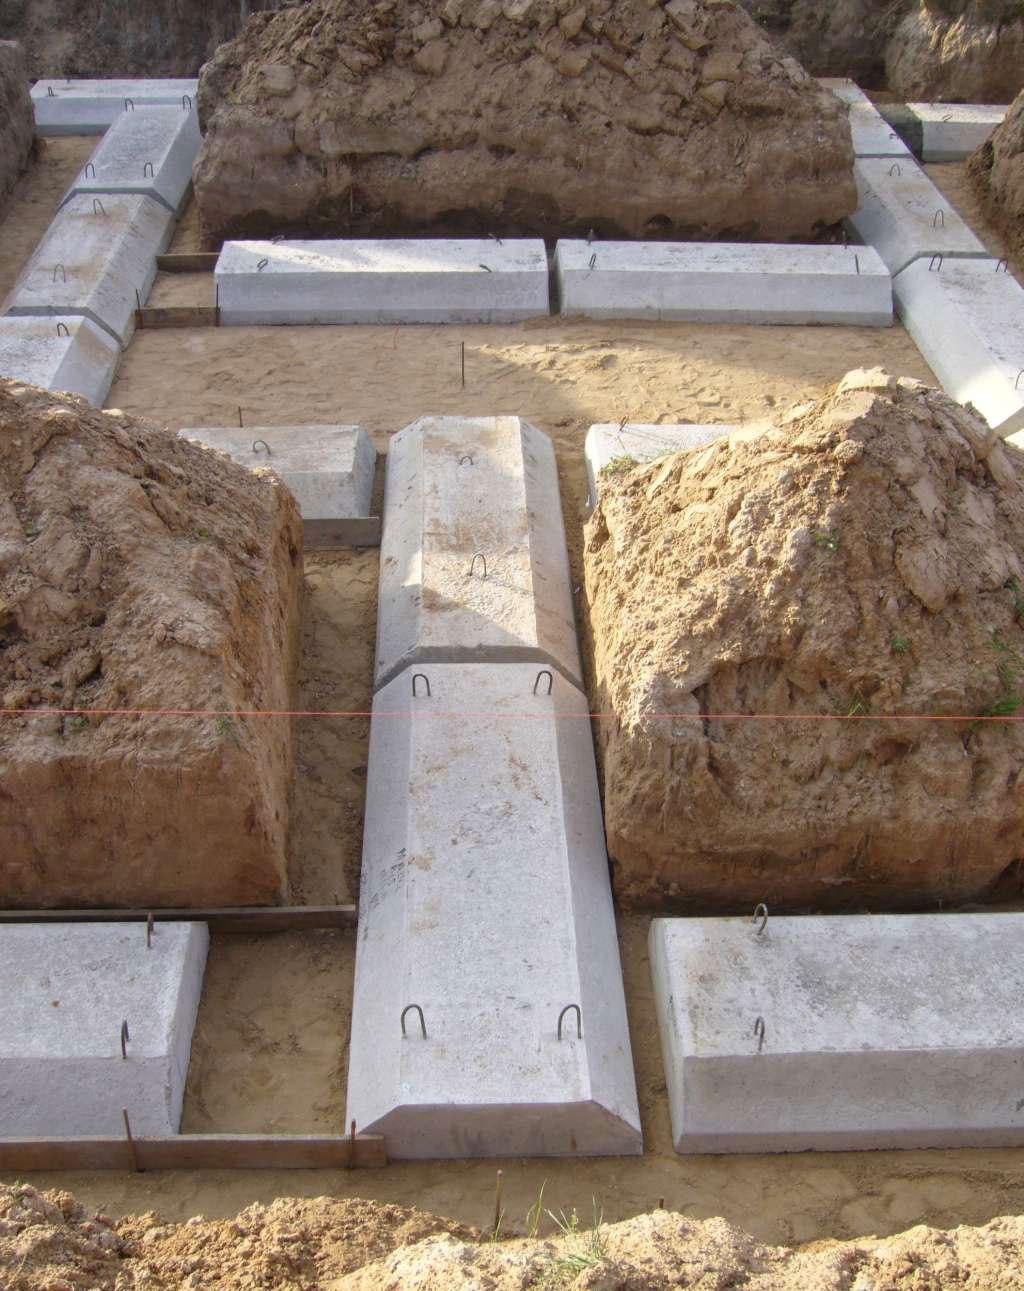 появляются бетонные блоки для фундамента цена саранск образом